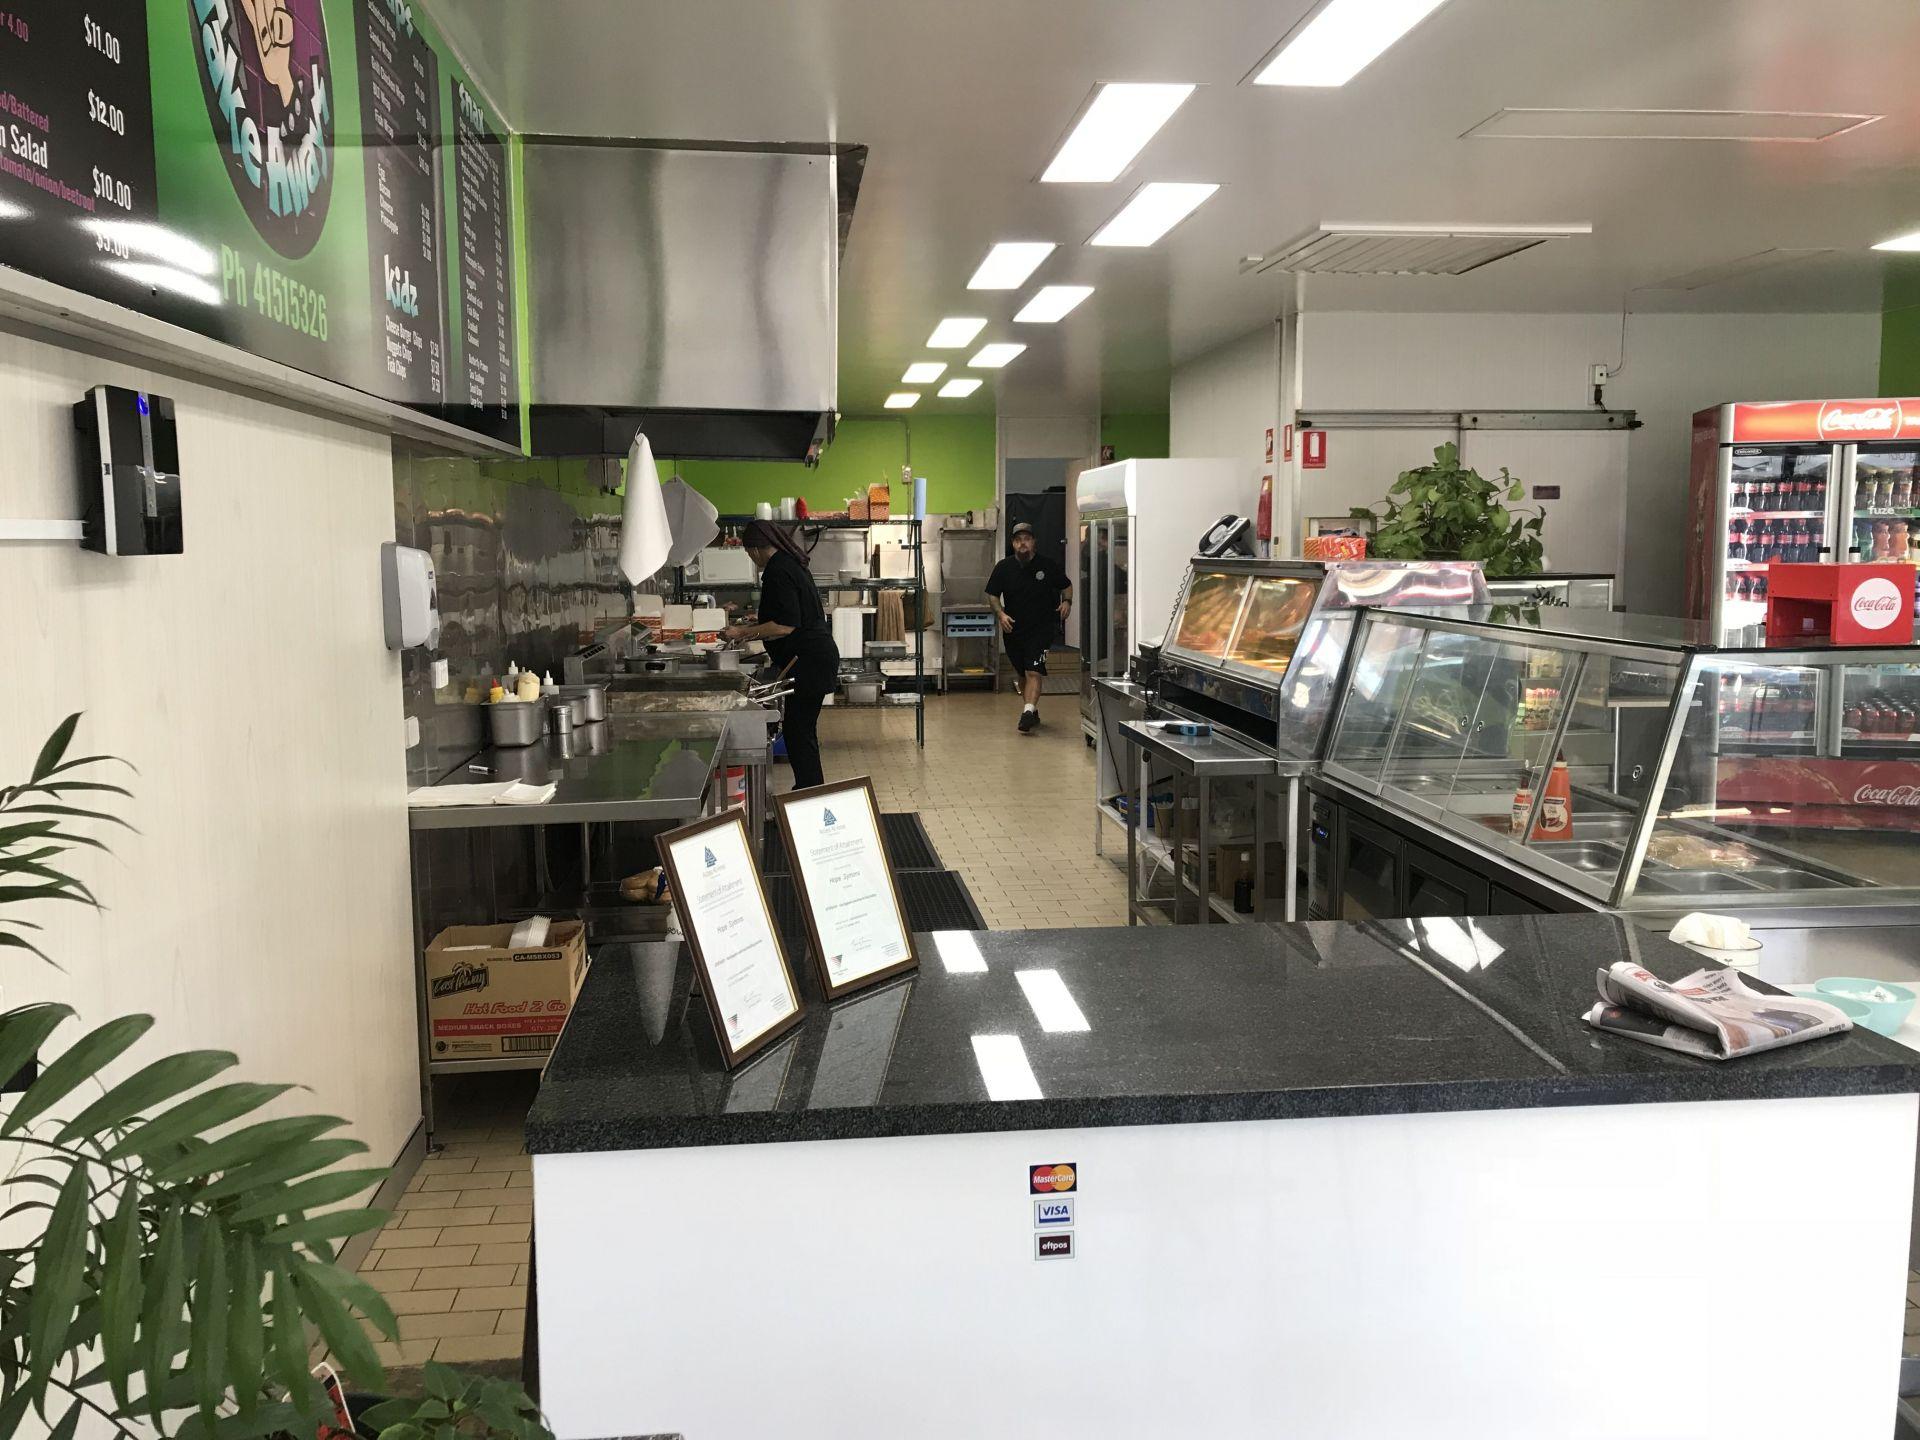 Large CBD Takeaway Shop